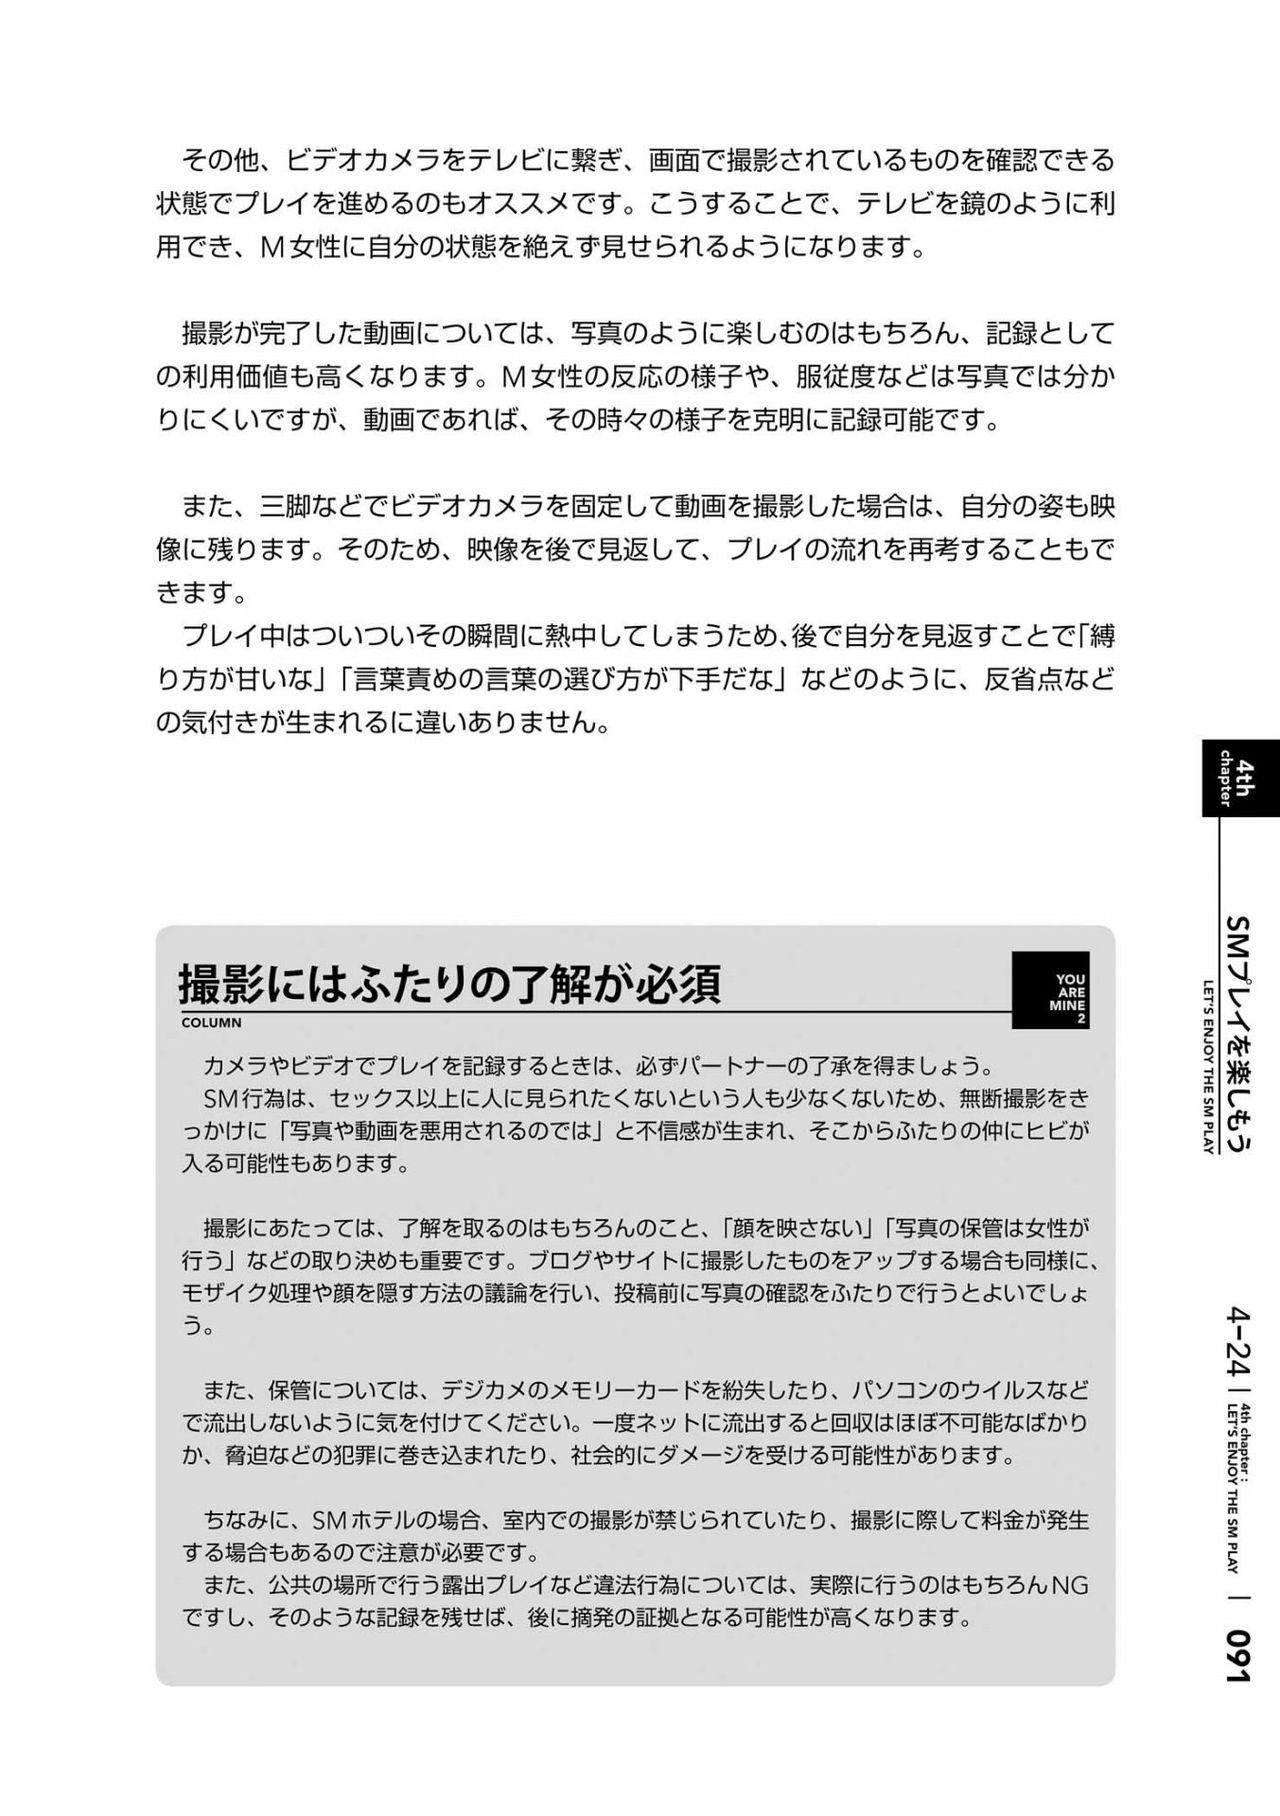 [Mitsuba] Karada mo Kokoro mo Boku no Mono ~Hajimete no SM Guide~ 2 [Digital] 93